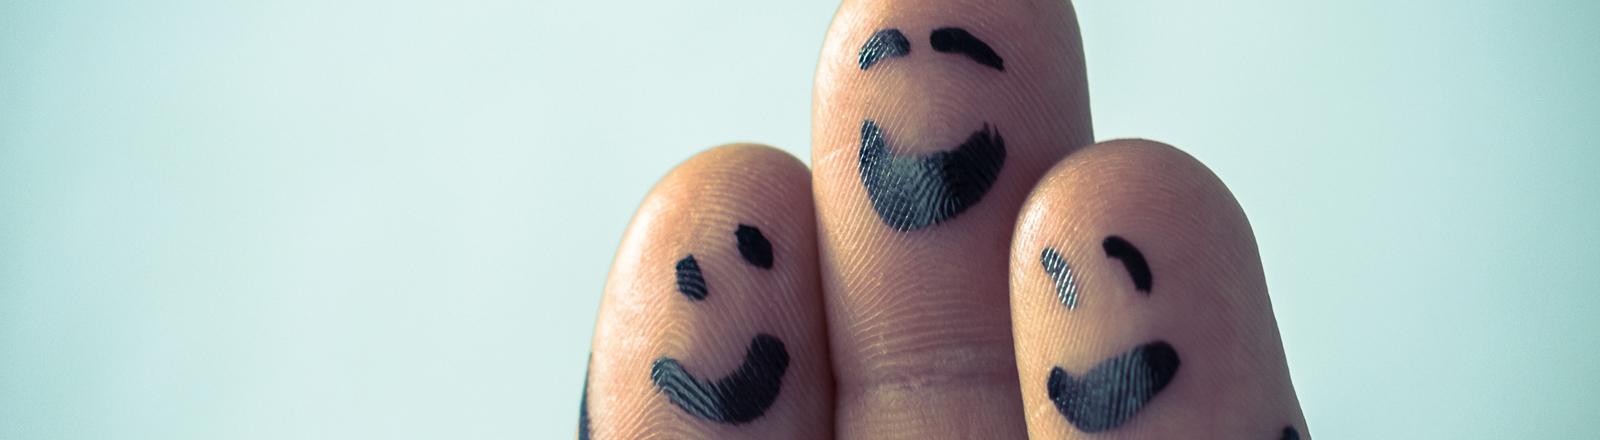 Drei Finger einer Hand. Auf jeden Finger ist ein lachendes Gesicht gemalt.